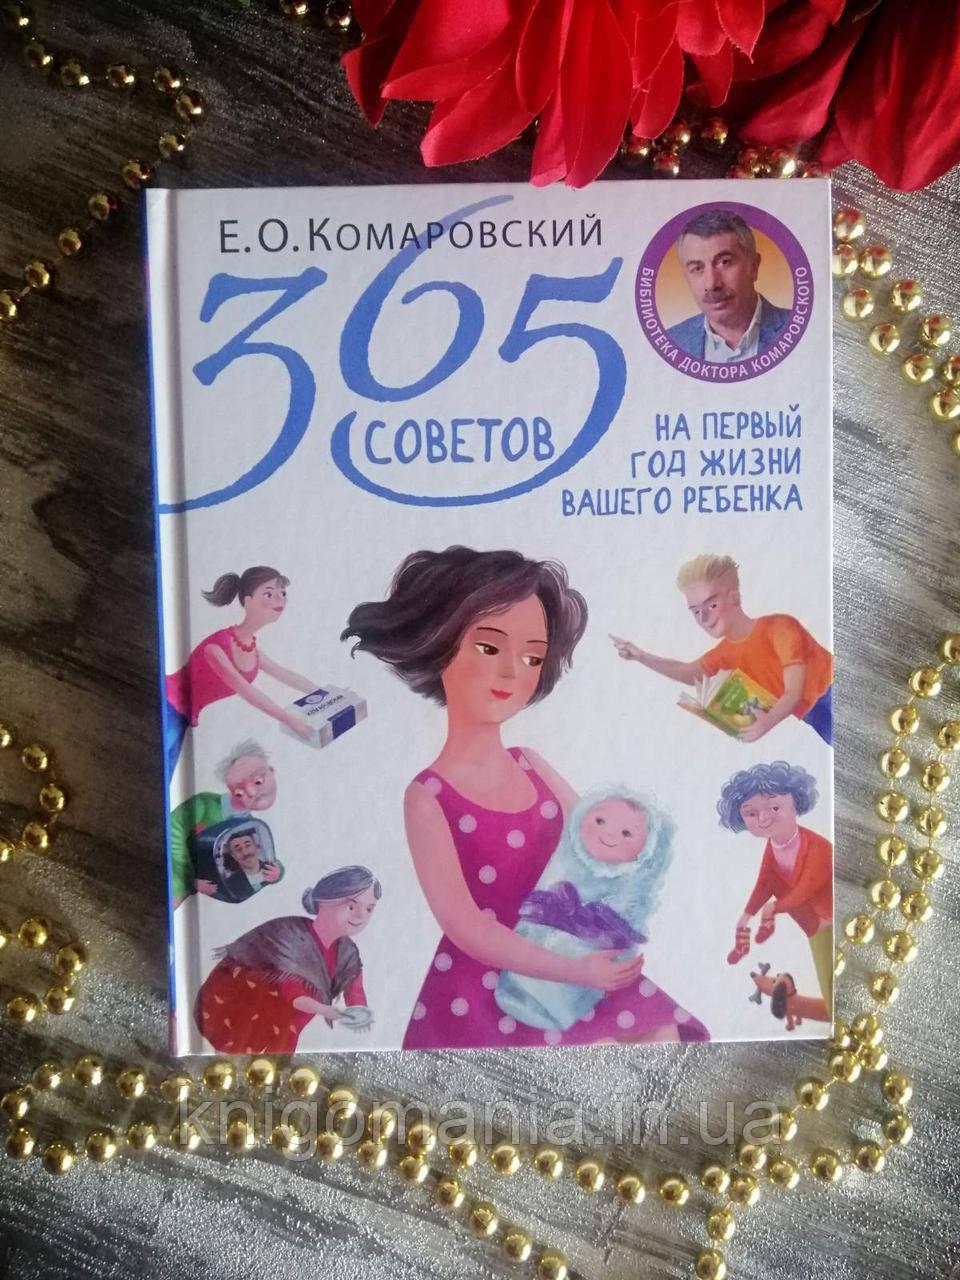 365 Советов. На первый год жизни вашего ребенка. Е.О. Комаровский.